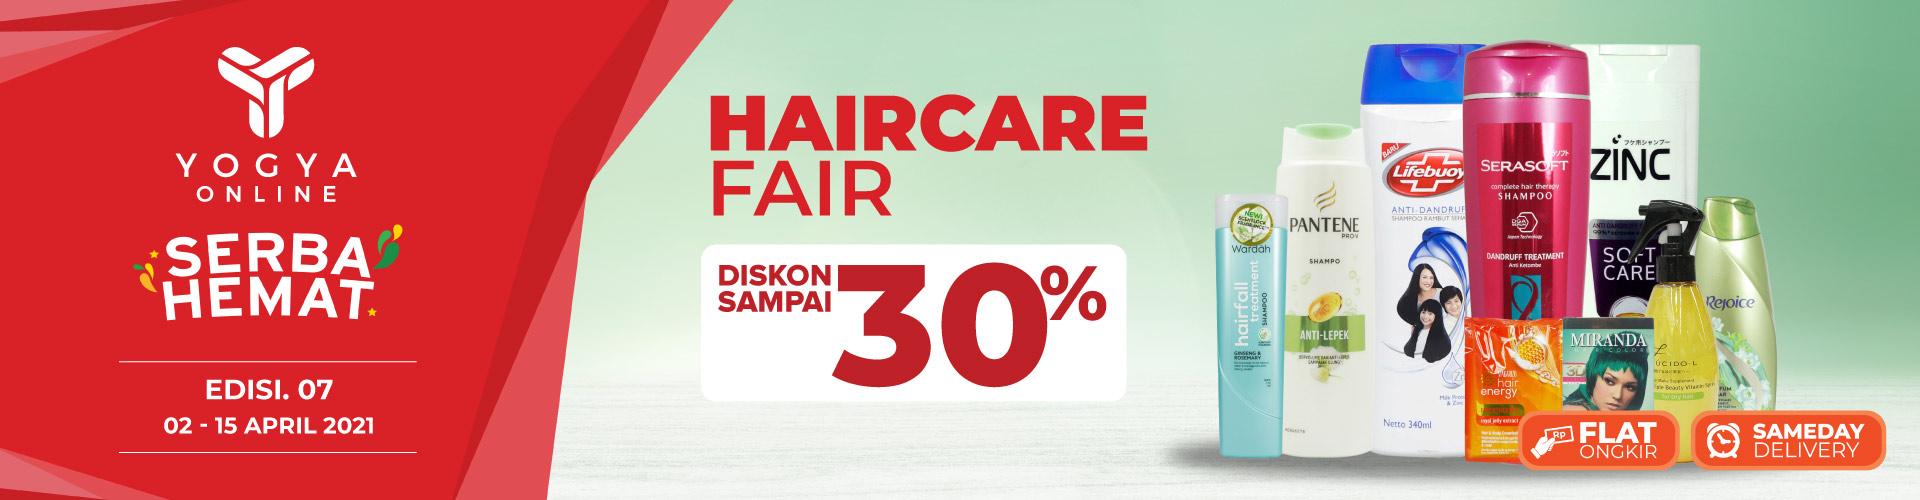 Haircare Fair